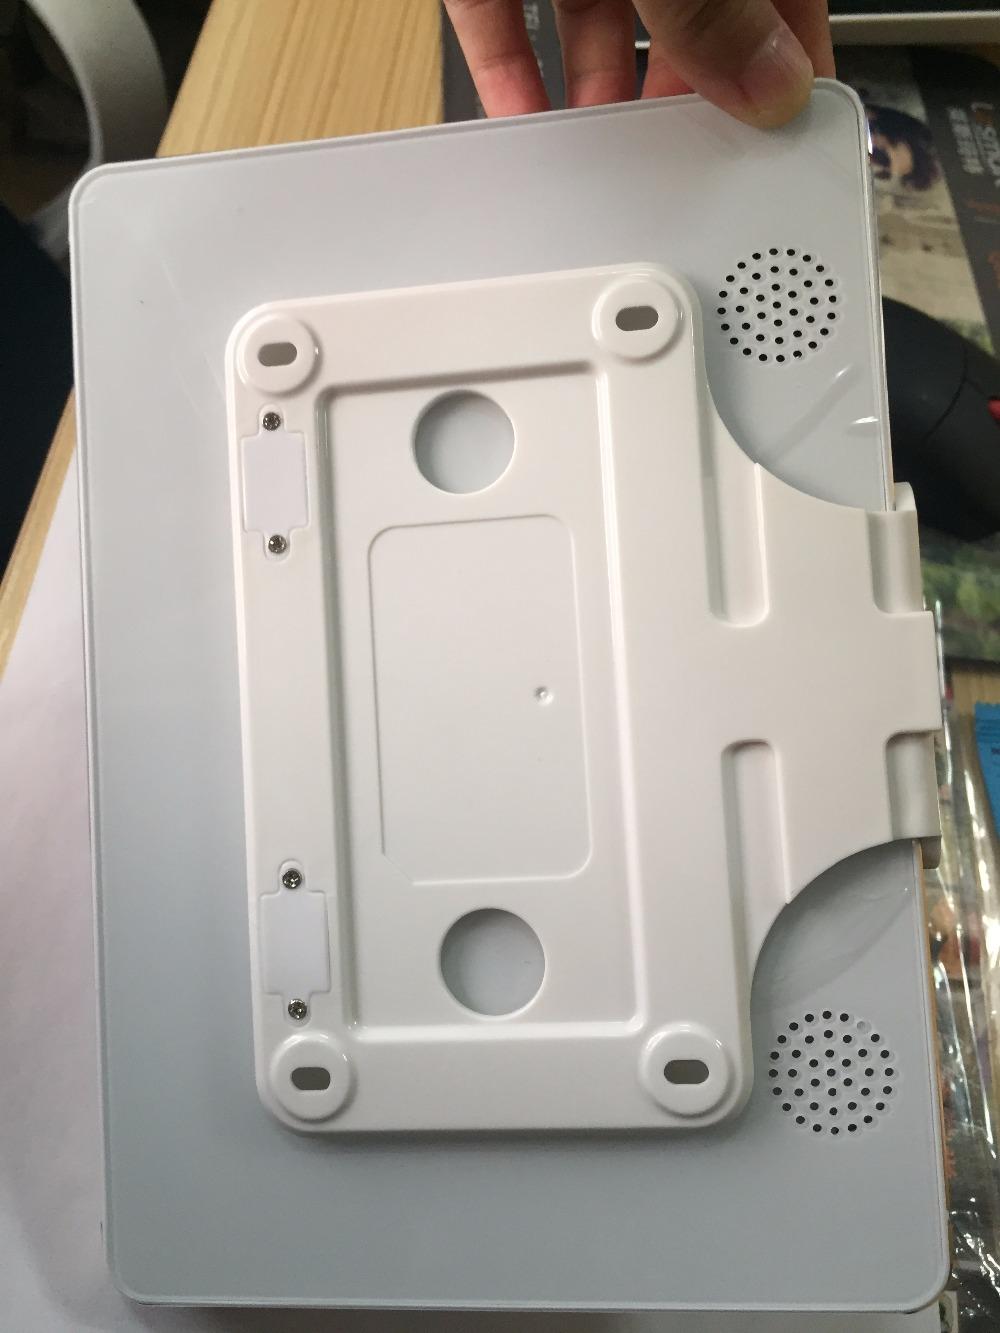 HTB1jOwkSFXXXXXjXVXXq6xXFXXXj - Most advanced Wifi Alarm GSM Smart Home Automation Burglar Alarm Wifi Alarm System with Touch Screen panel